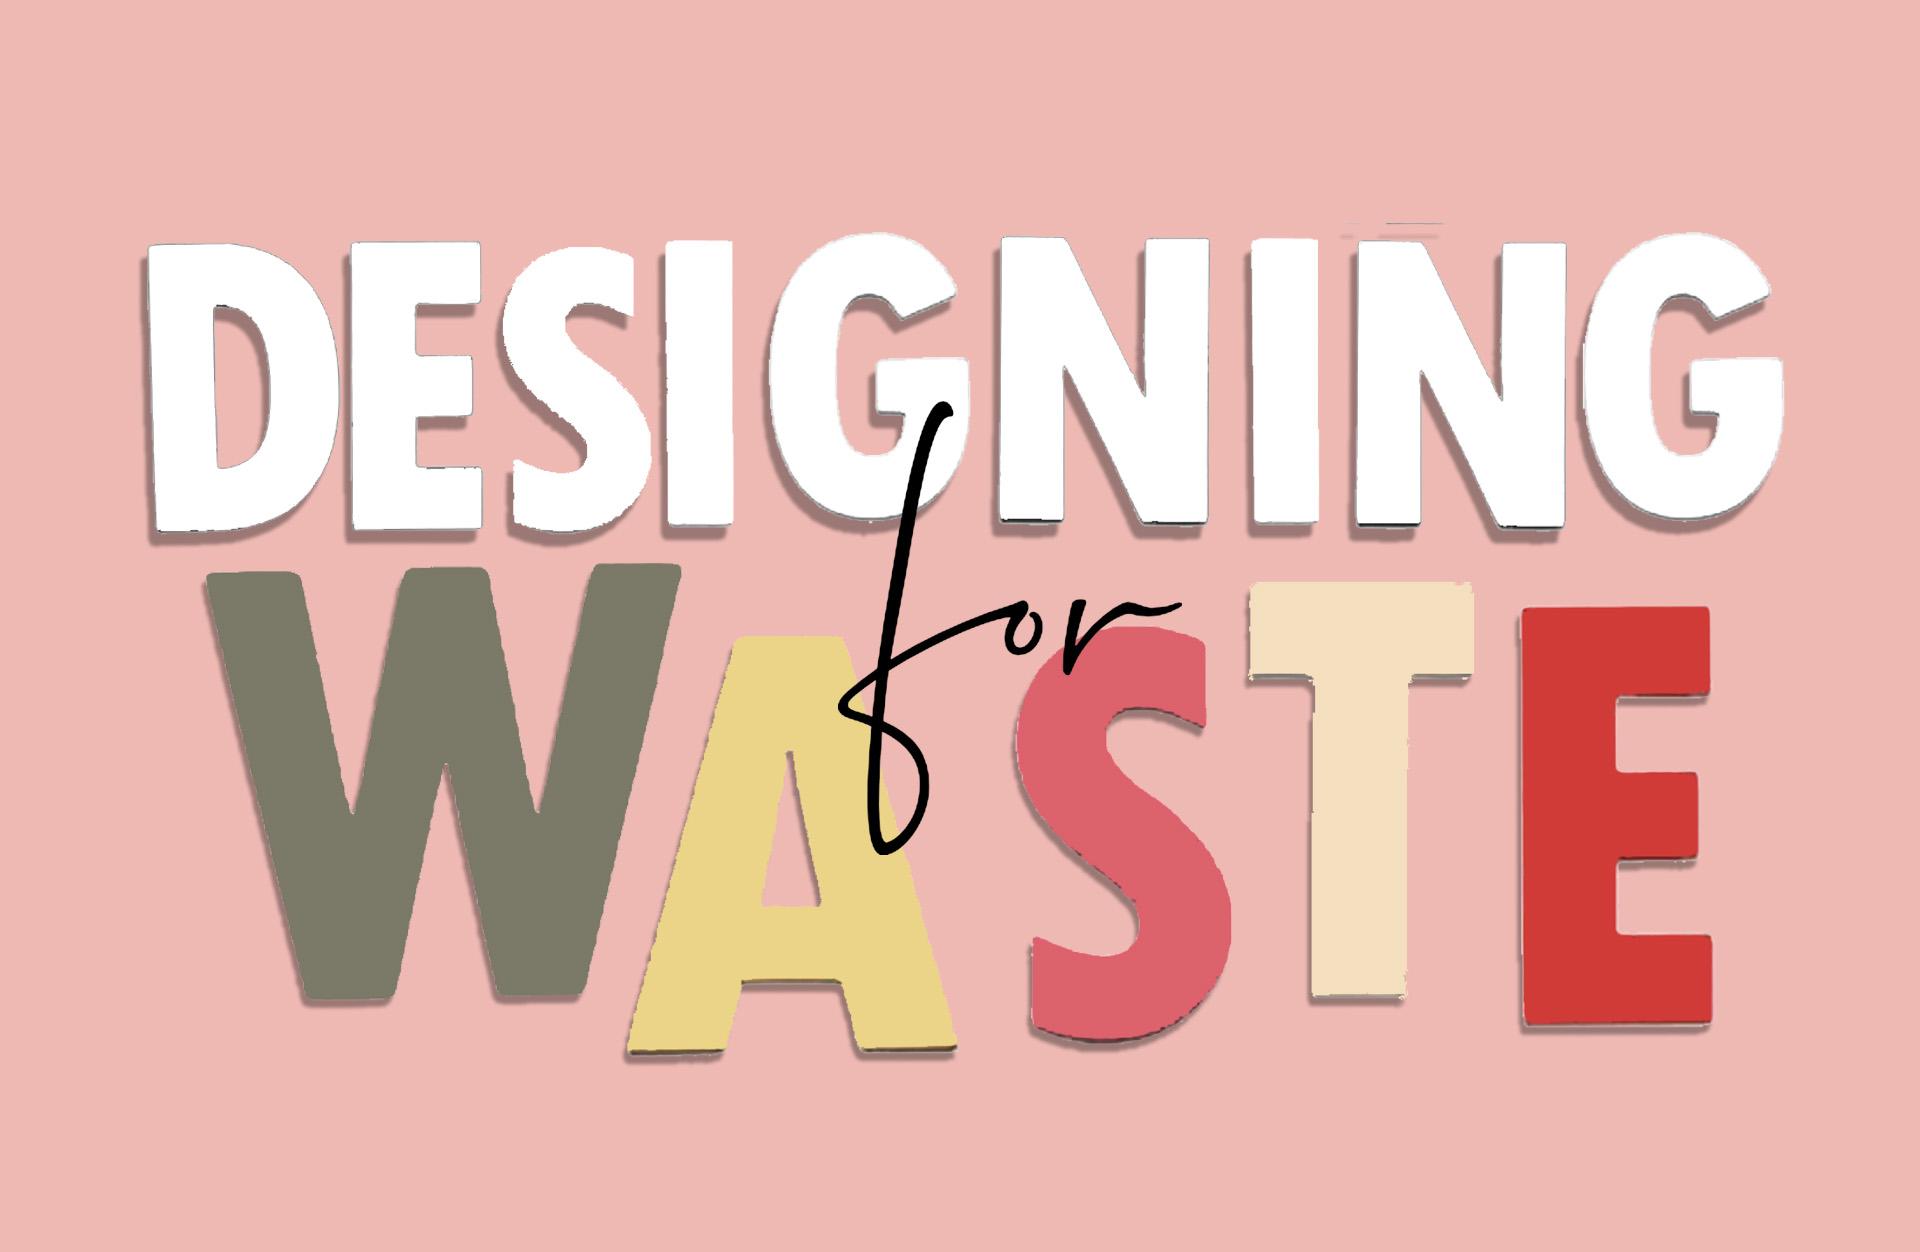 Designing for Waste